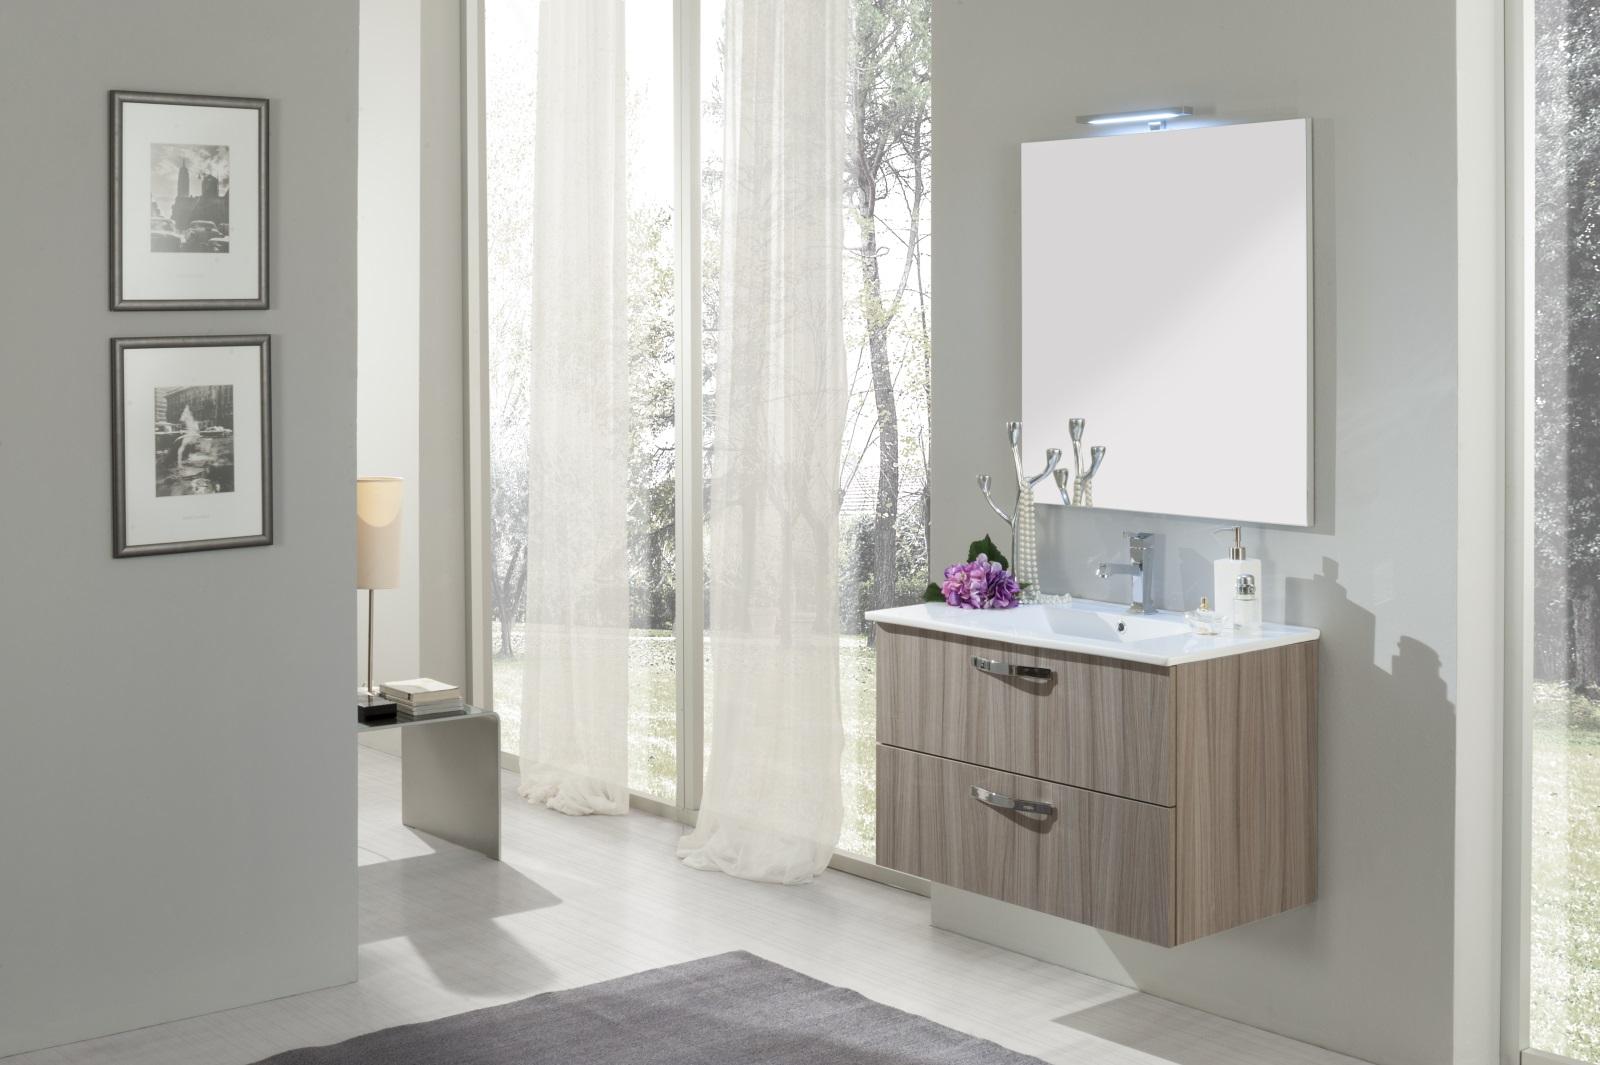 Specchio bagno moderno finest bergamo led applique per bagno with specchio bagno moderno - Specchio per bagno moderno ...